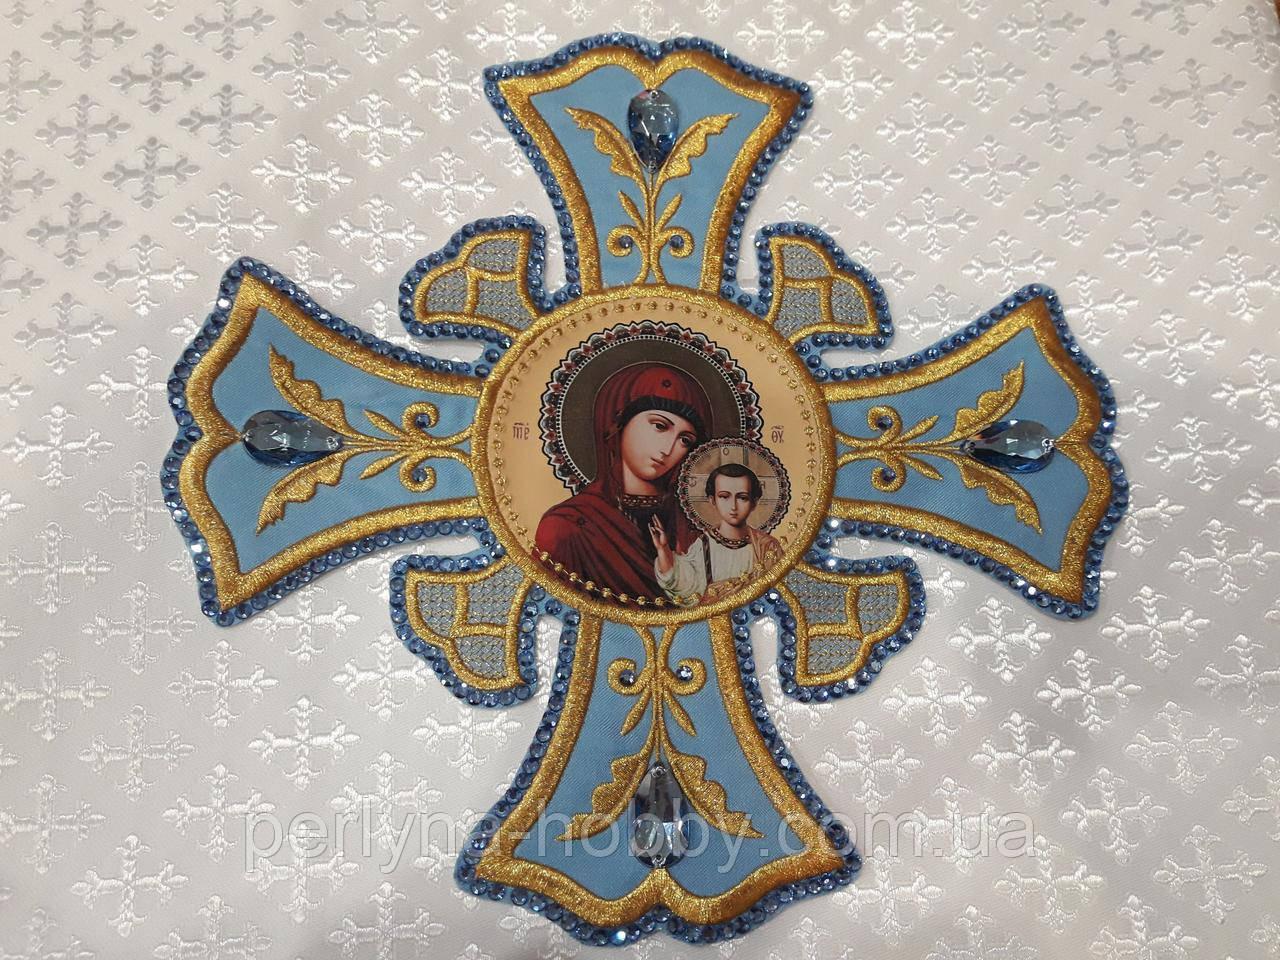 Хрест (крест) для церковного одягу великий з зображенням Богородиці  24 на 24 см голубий зістраз